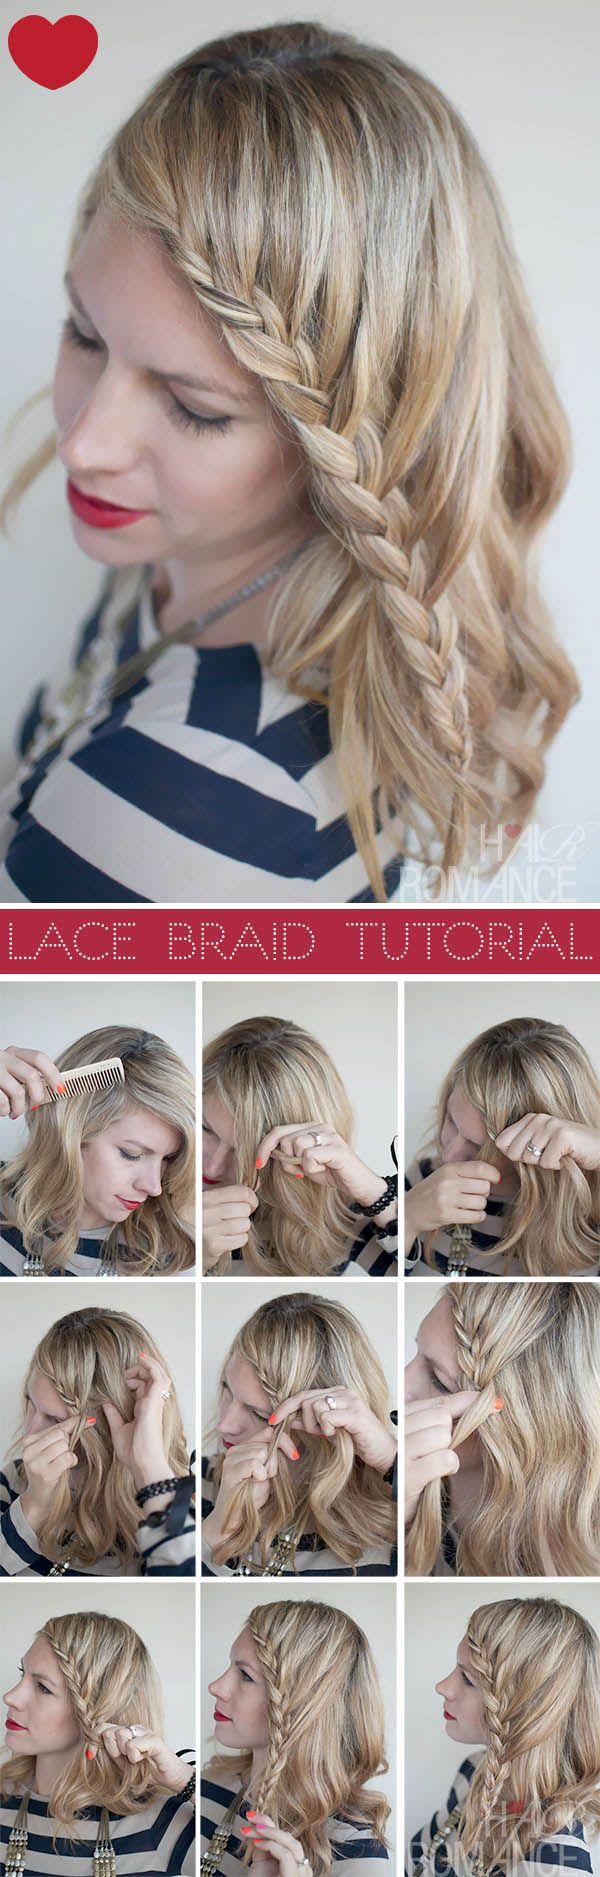 Hair Romance - Lace Braid Hairstyle Tutorial